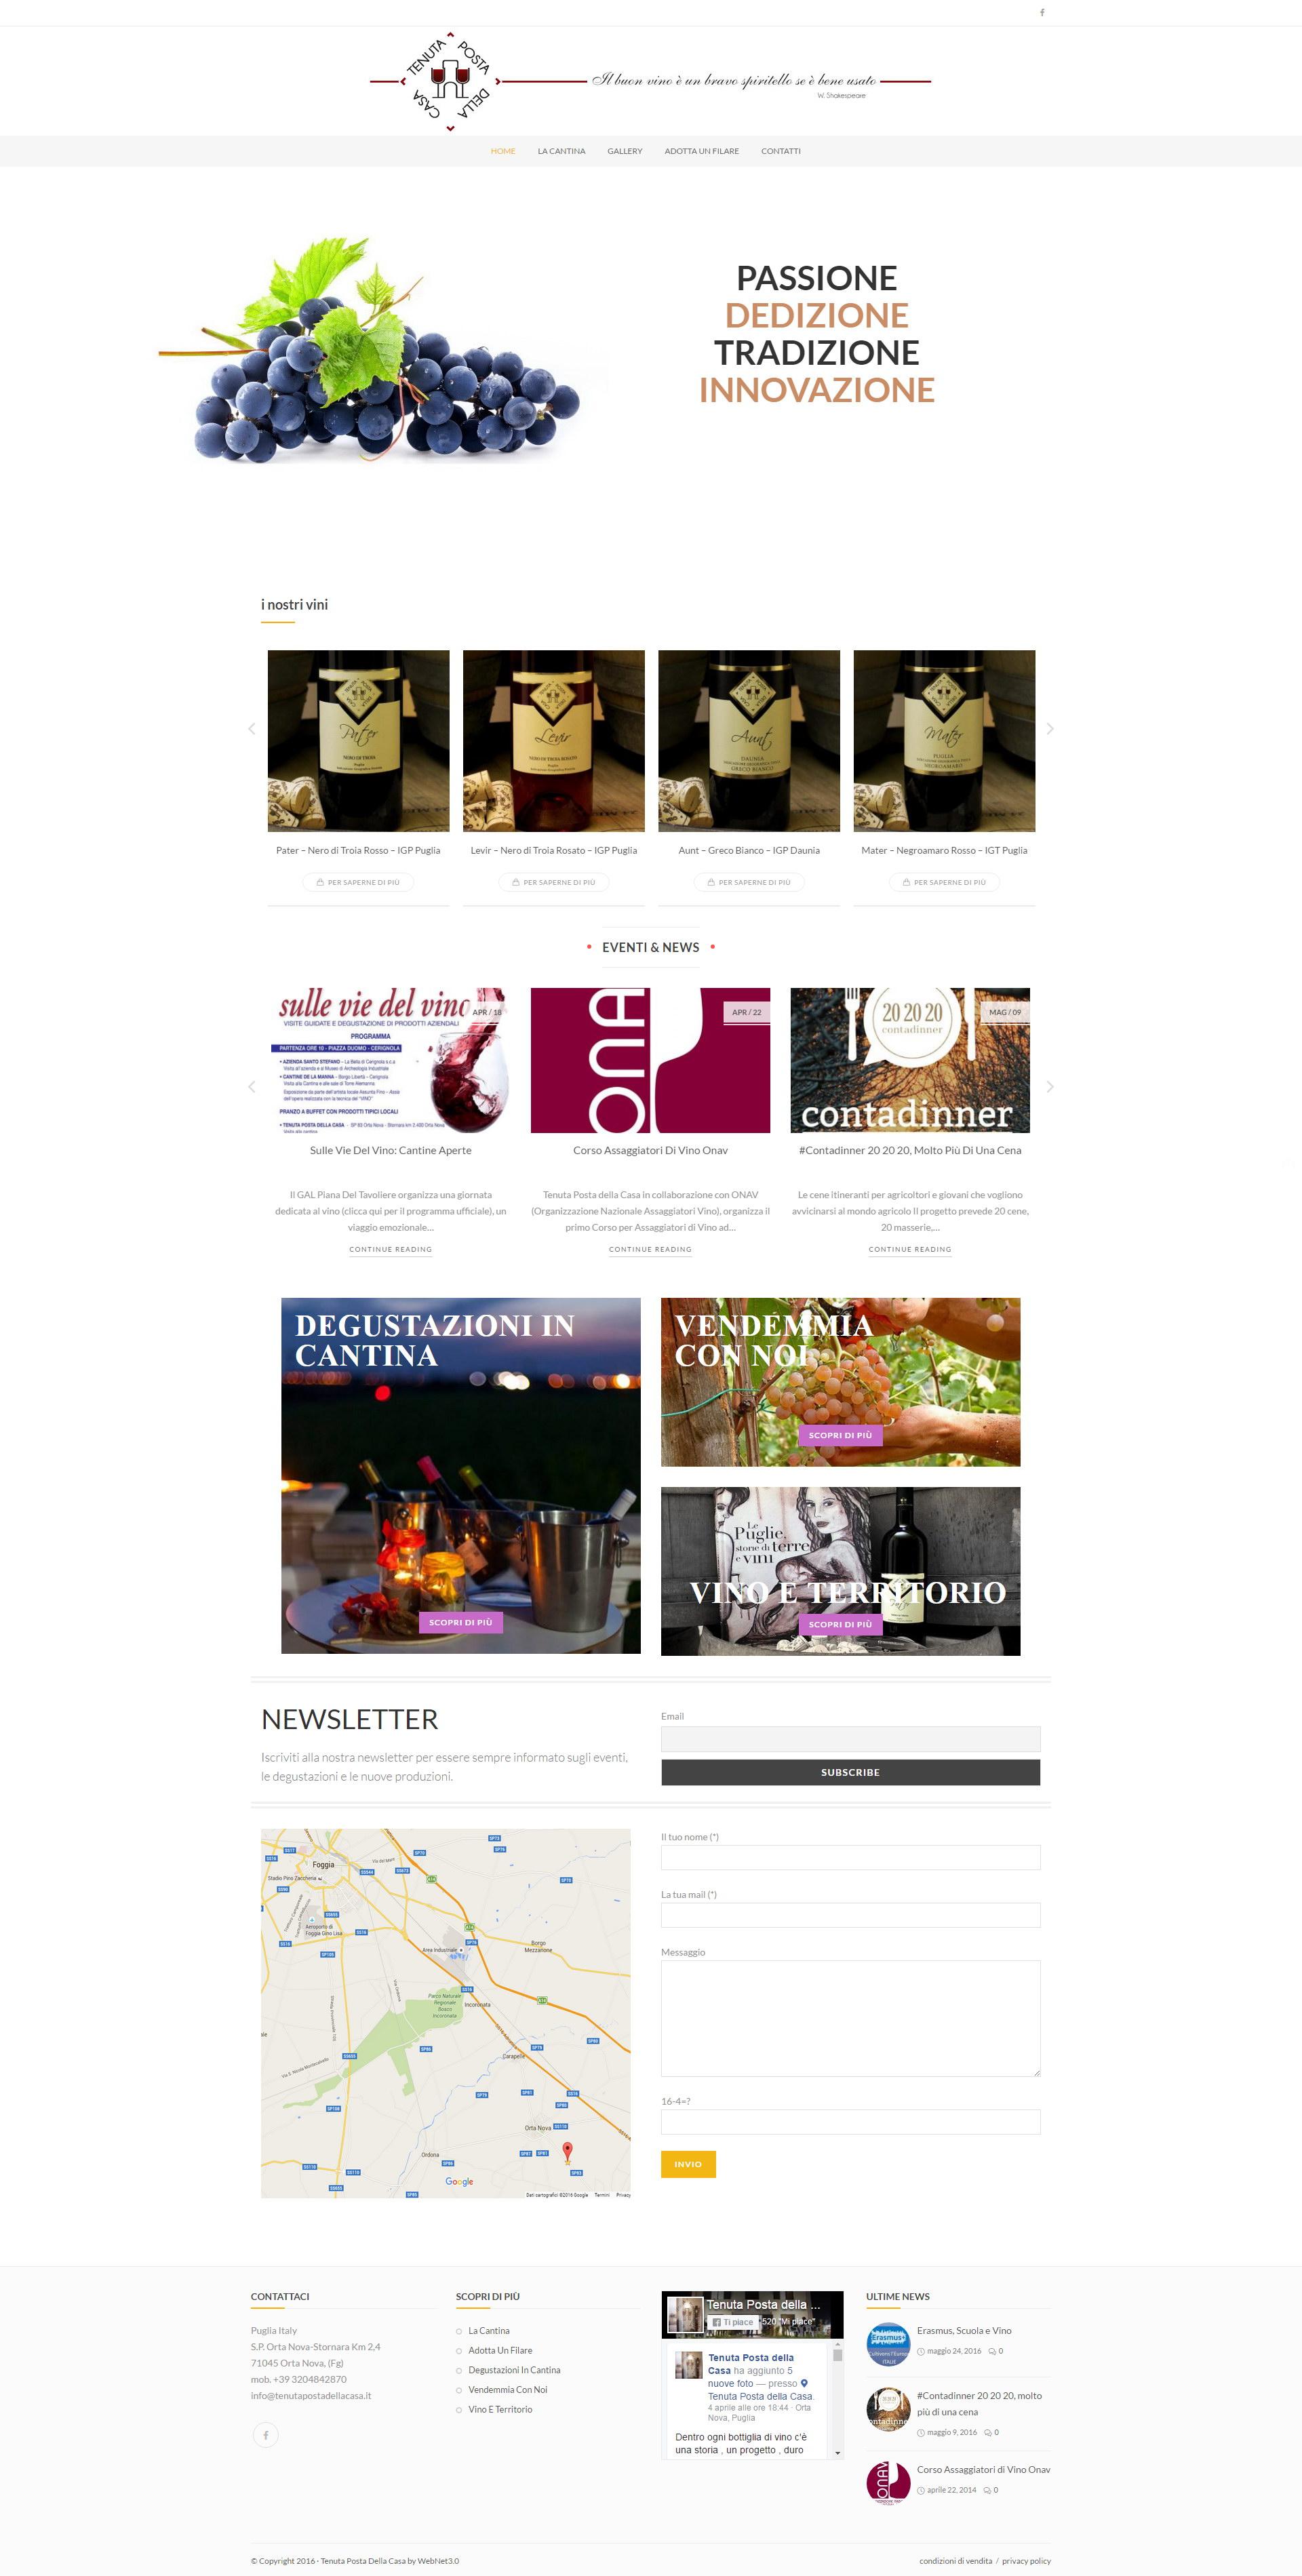 >Tenuta Posta della Casa - Azienda Vinicola